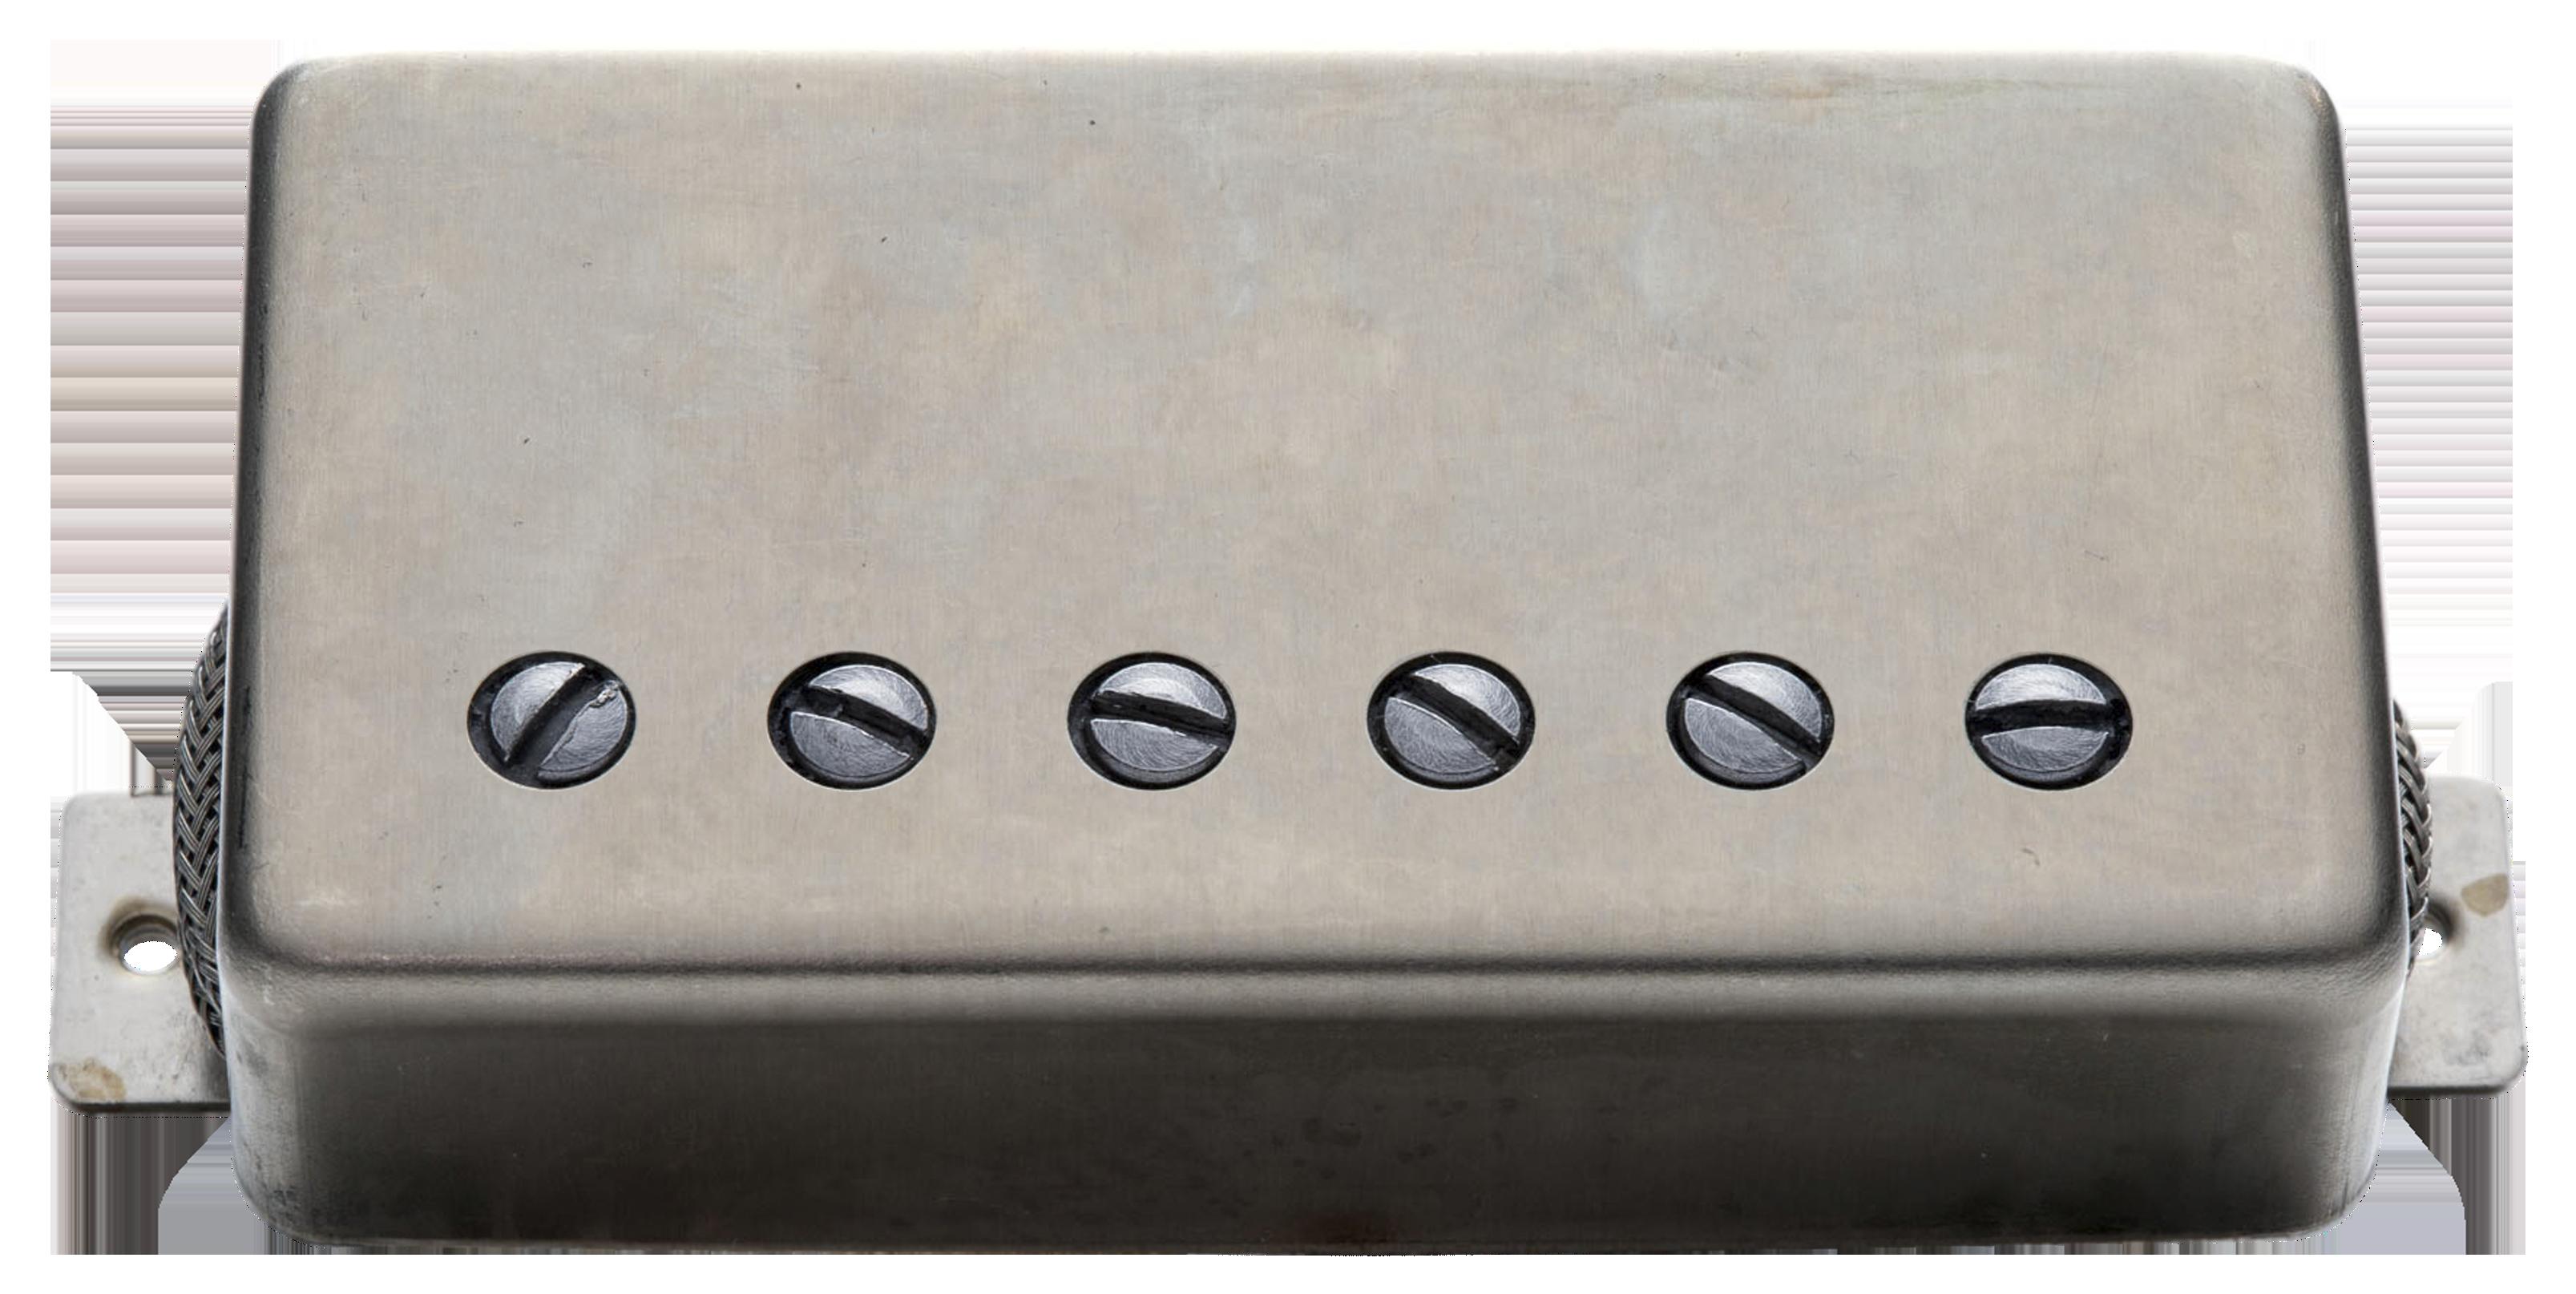 Seymour Duncan Alnico II Pro Slash Humbucker APH-2B Slash Bridge Raw Nickel Cover